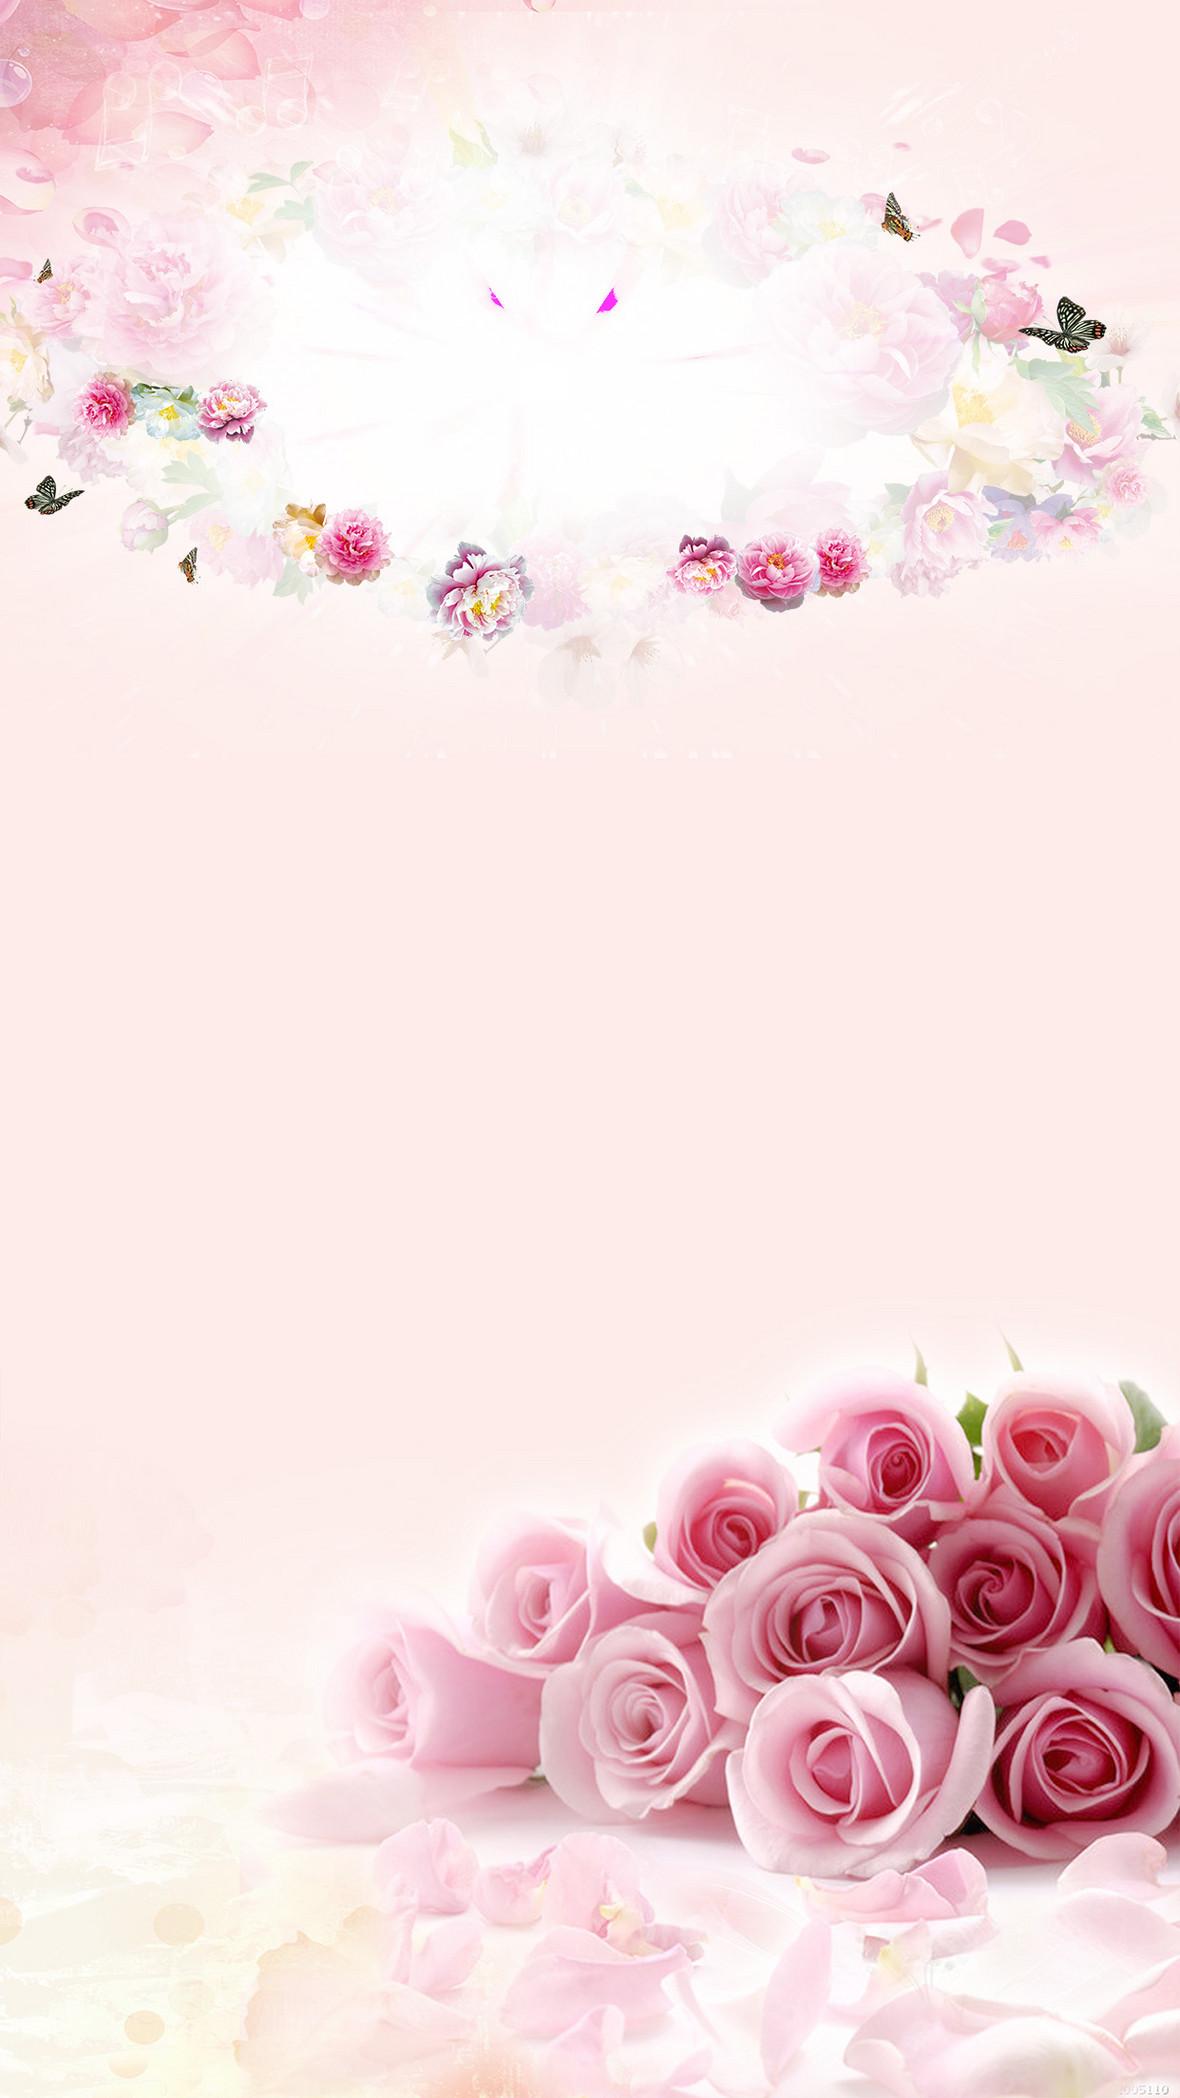 粉色浪漫玫瑰唯美h5背景素材